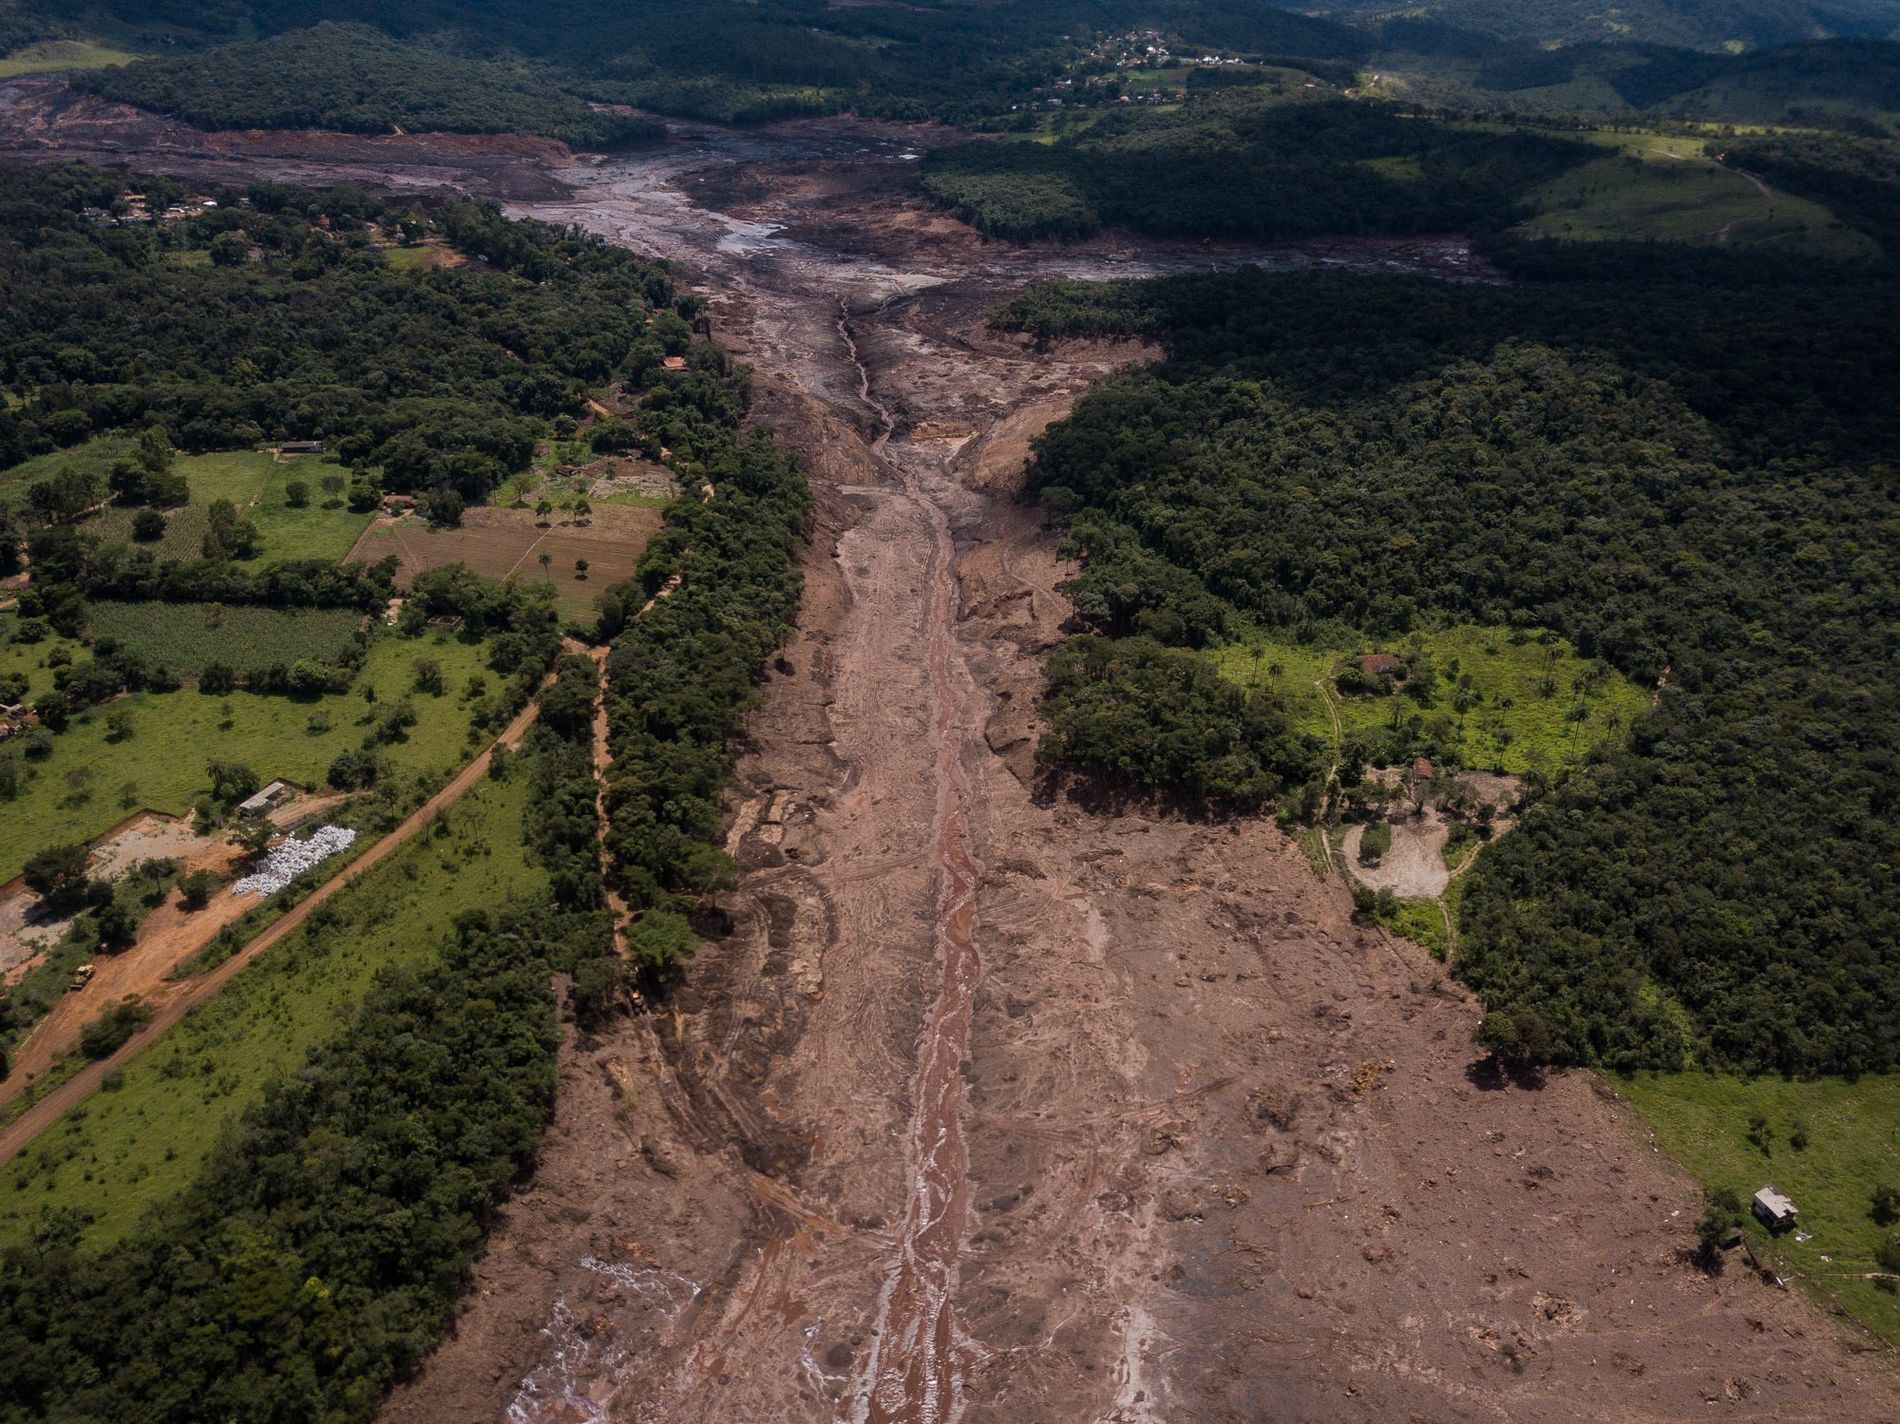 As vítimas humanas do rompimento da barragem da Vale em Brumadinho ainda não foram todas encontradas. Os danos ambientais também estão em pleno curso. Depois de descer o córrego do Feijão, a lama desaguou no rio Paraopeba e segue em direção ao São Francisco.